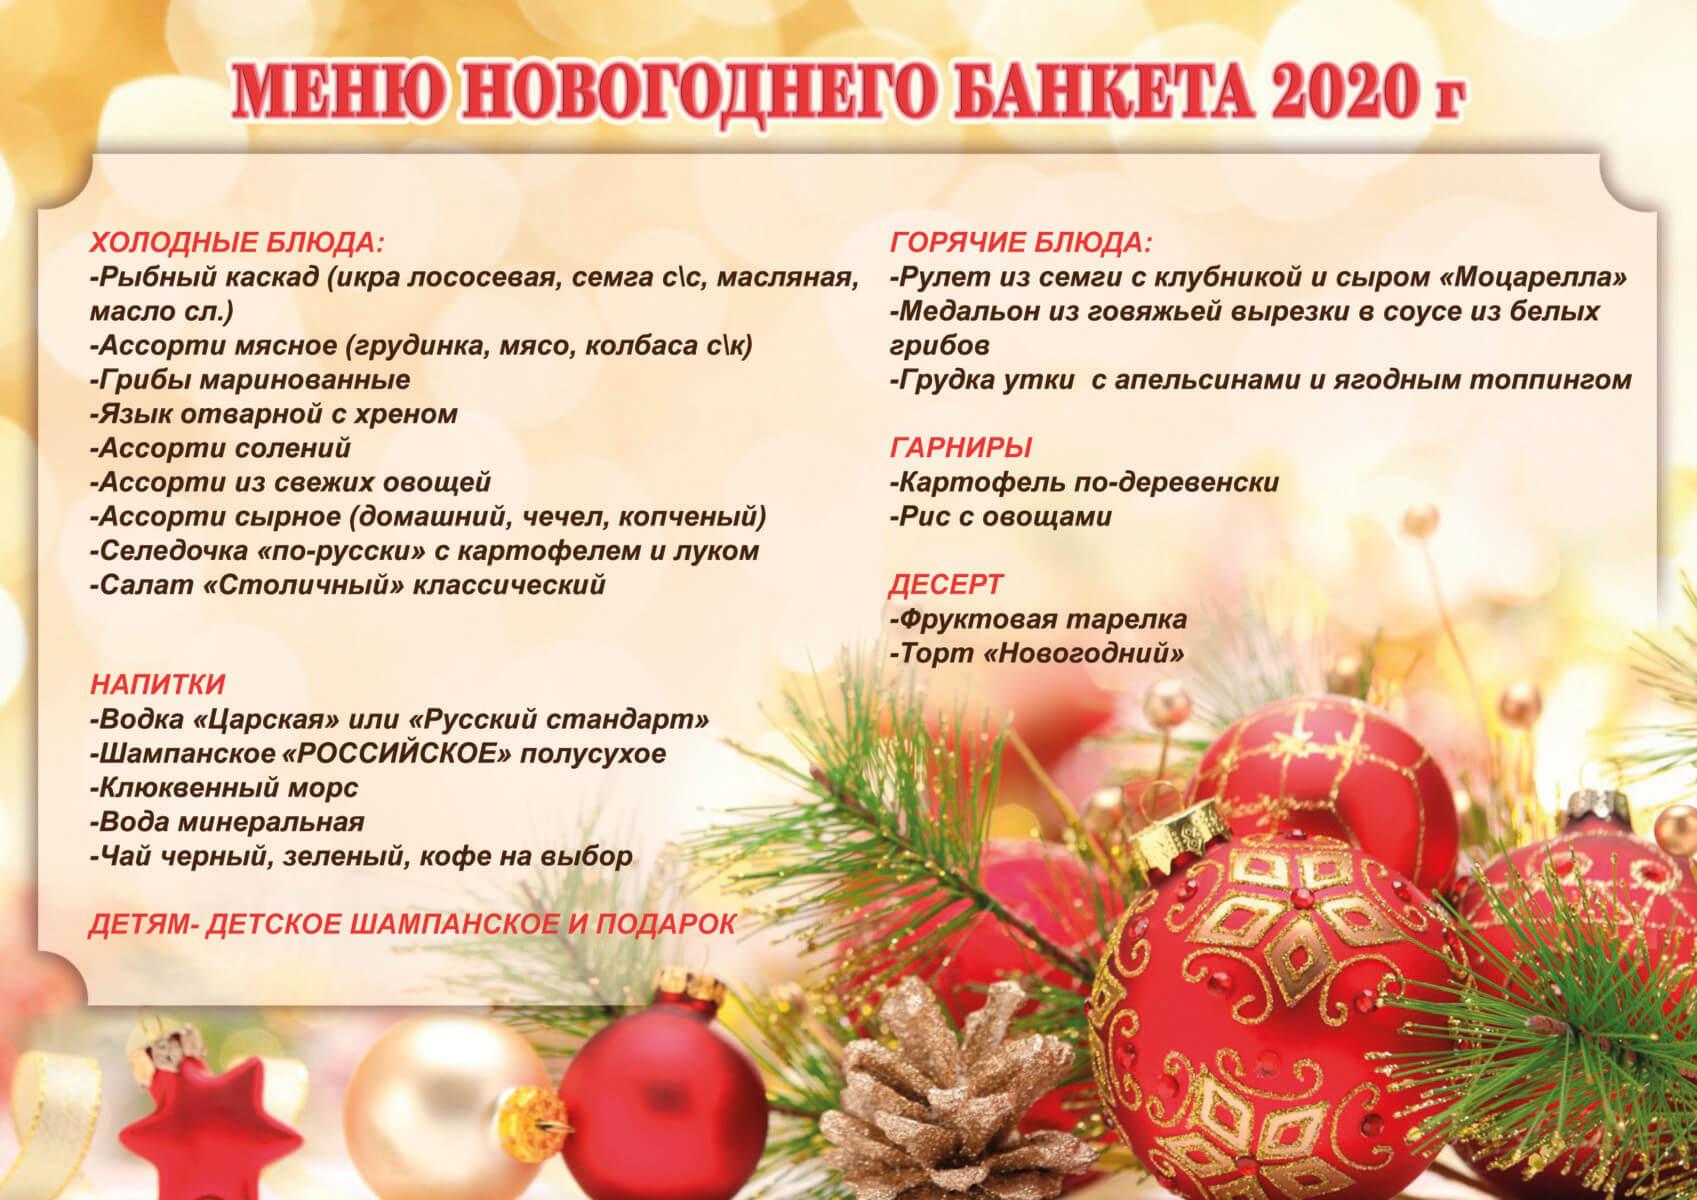 Новогоднее меню в санатории «Металлург»